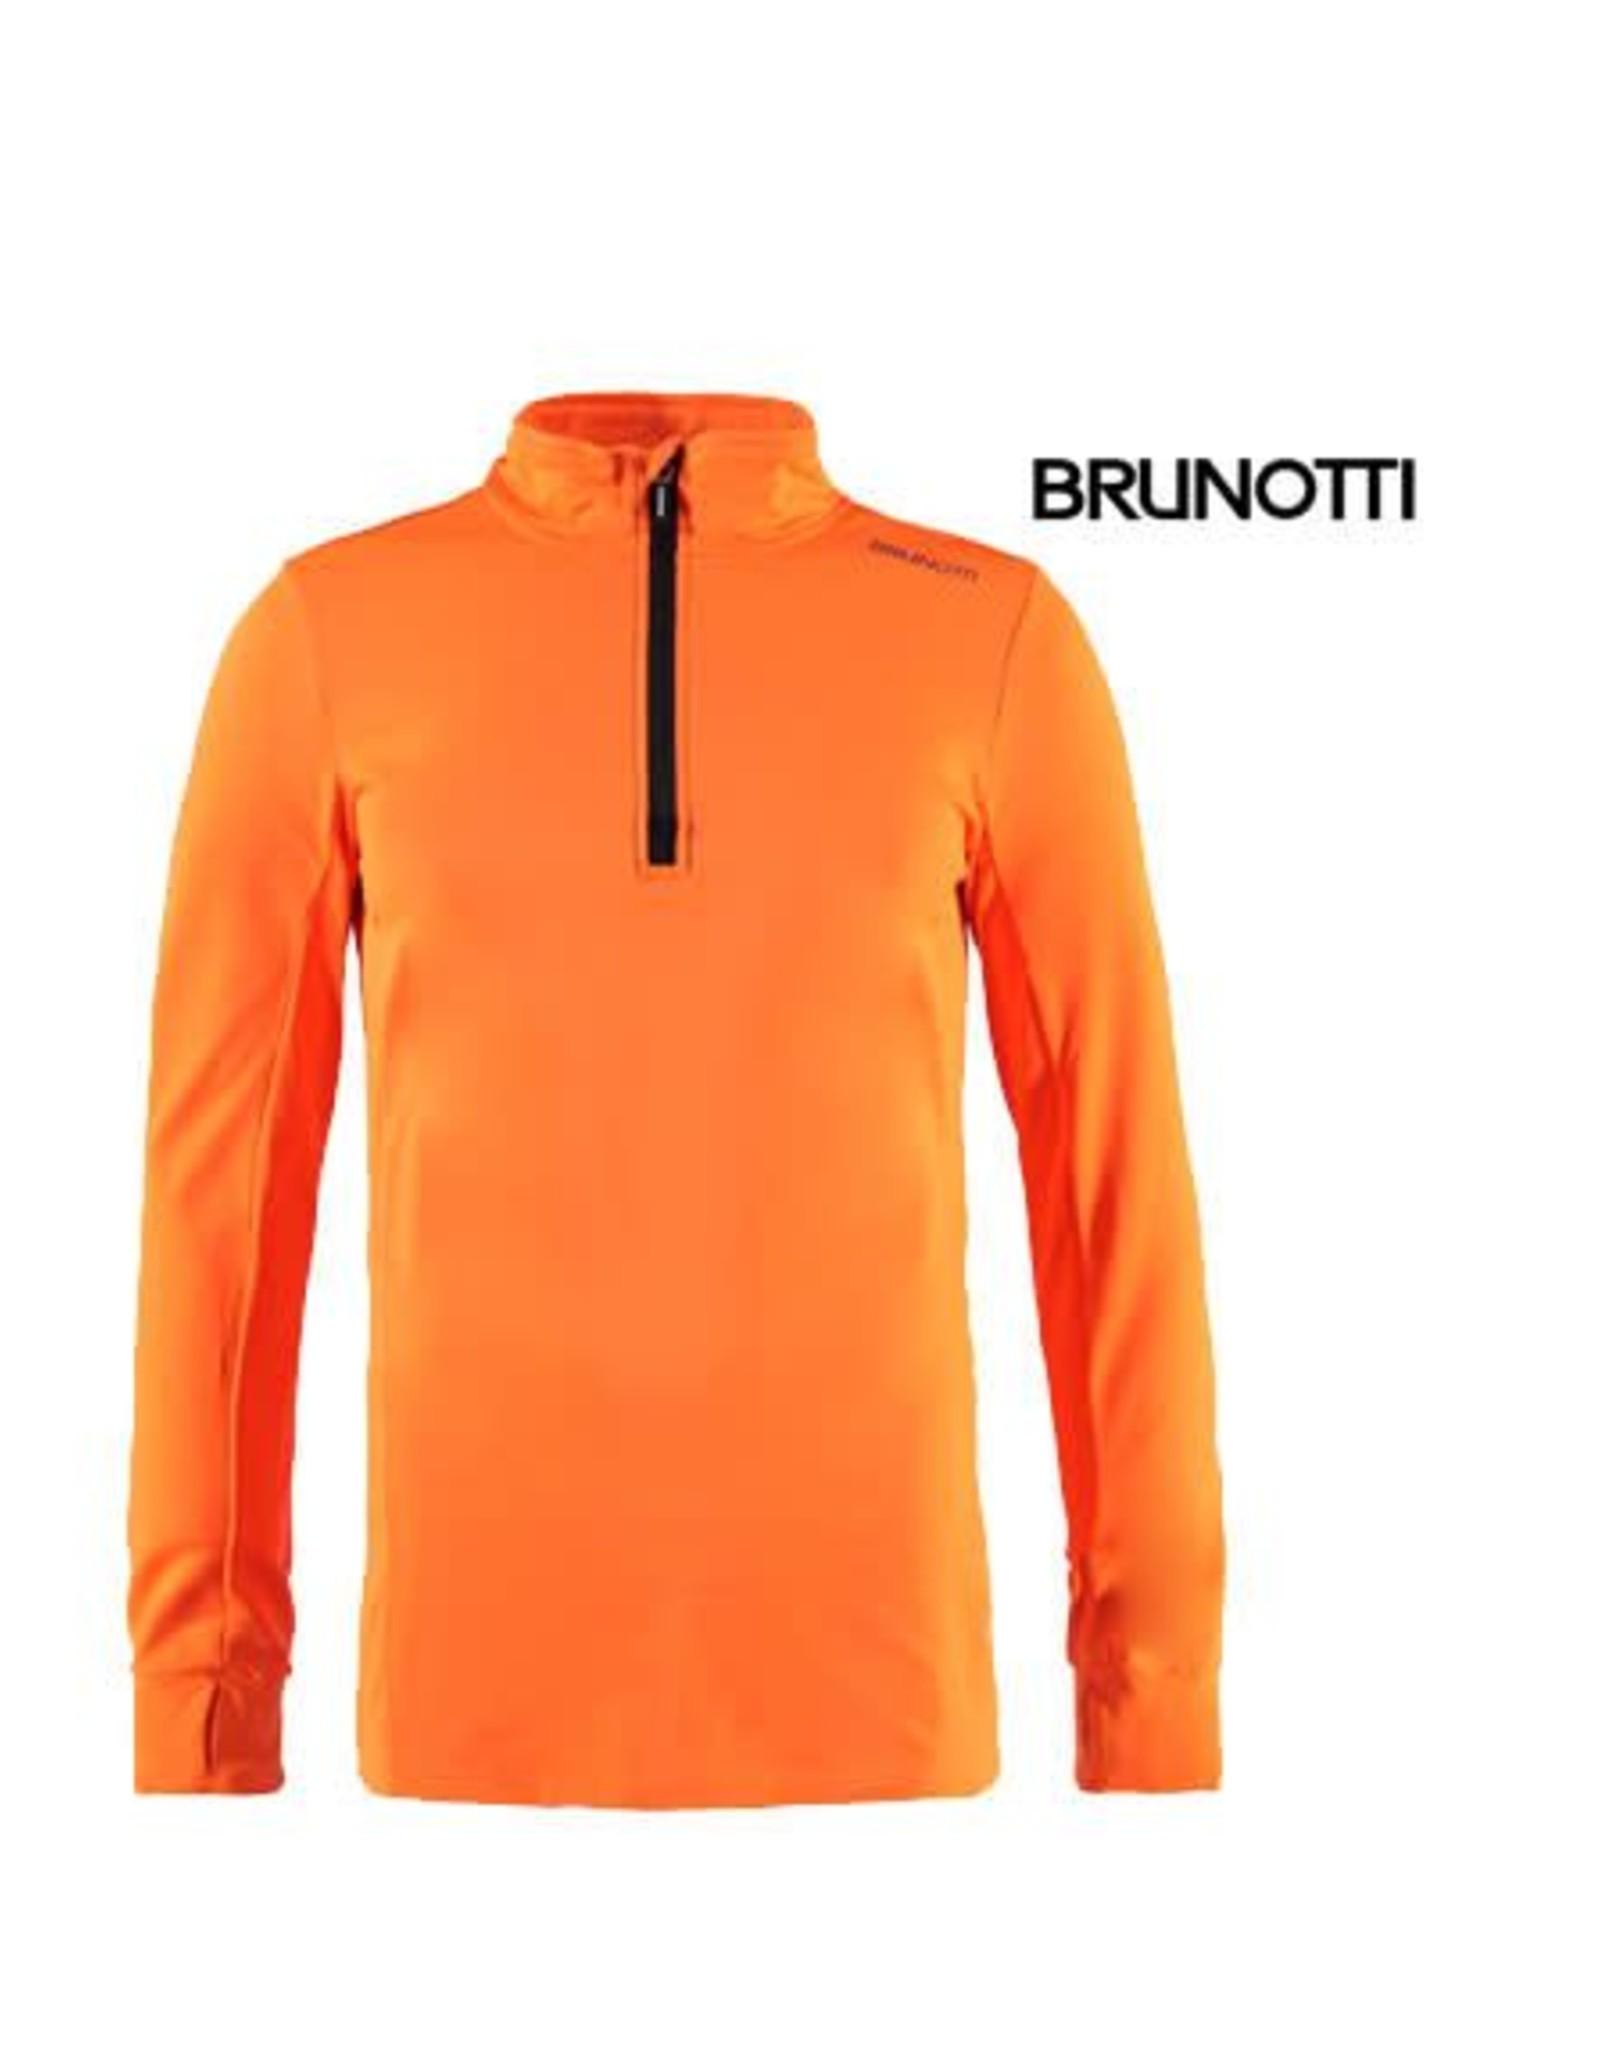 BRUNOTTI BRUNOTTI TERNI Pully Fluor Orange